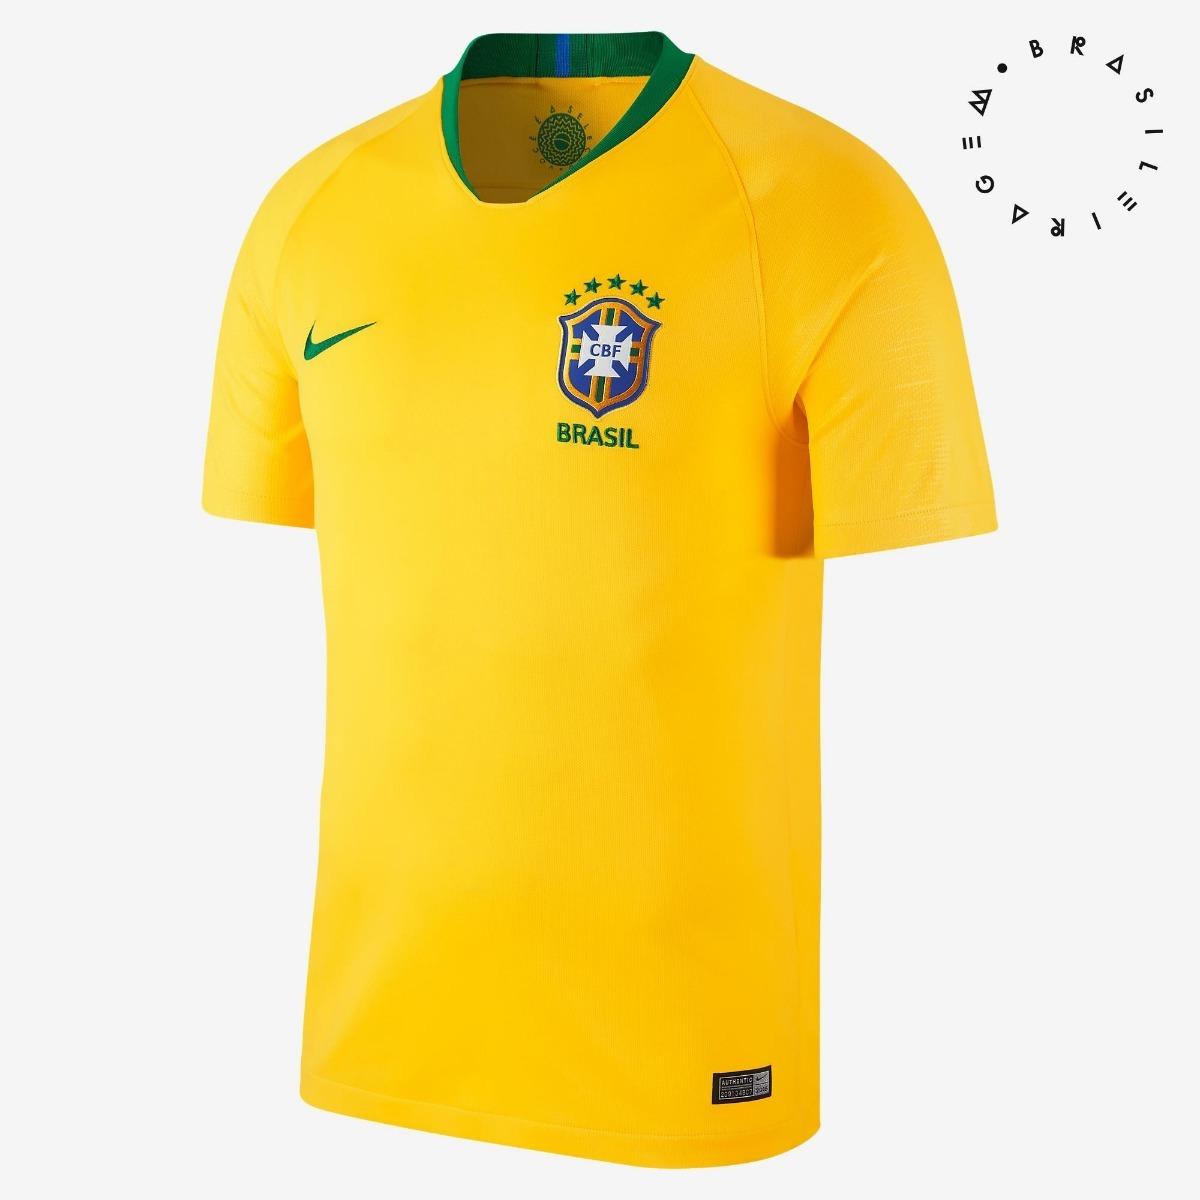 b6e3cab329d2d camisa seleção brasileira nike infantil original 2018 19 nfe. Carregando  zoom.